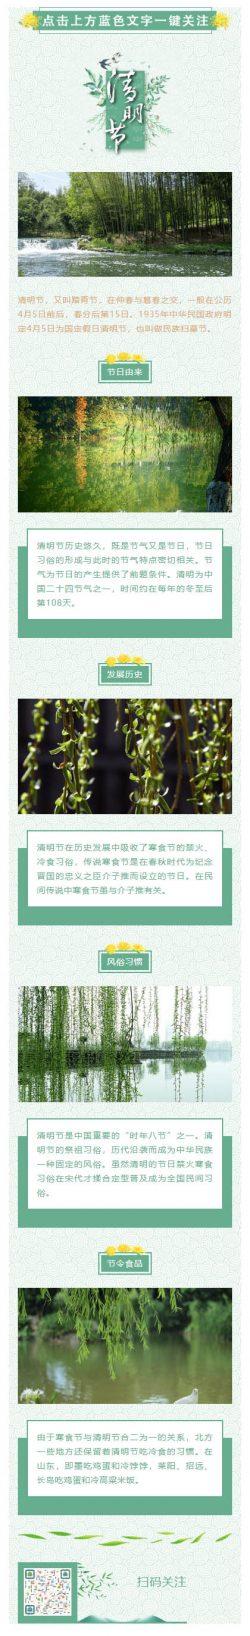 清明节带背景绿色风格文章模板推文素材公众号推送图文